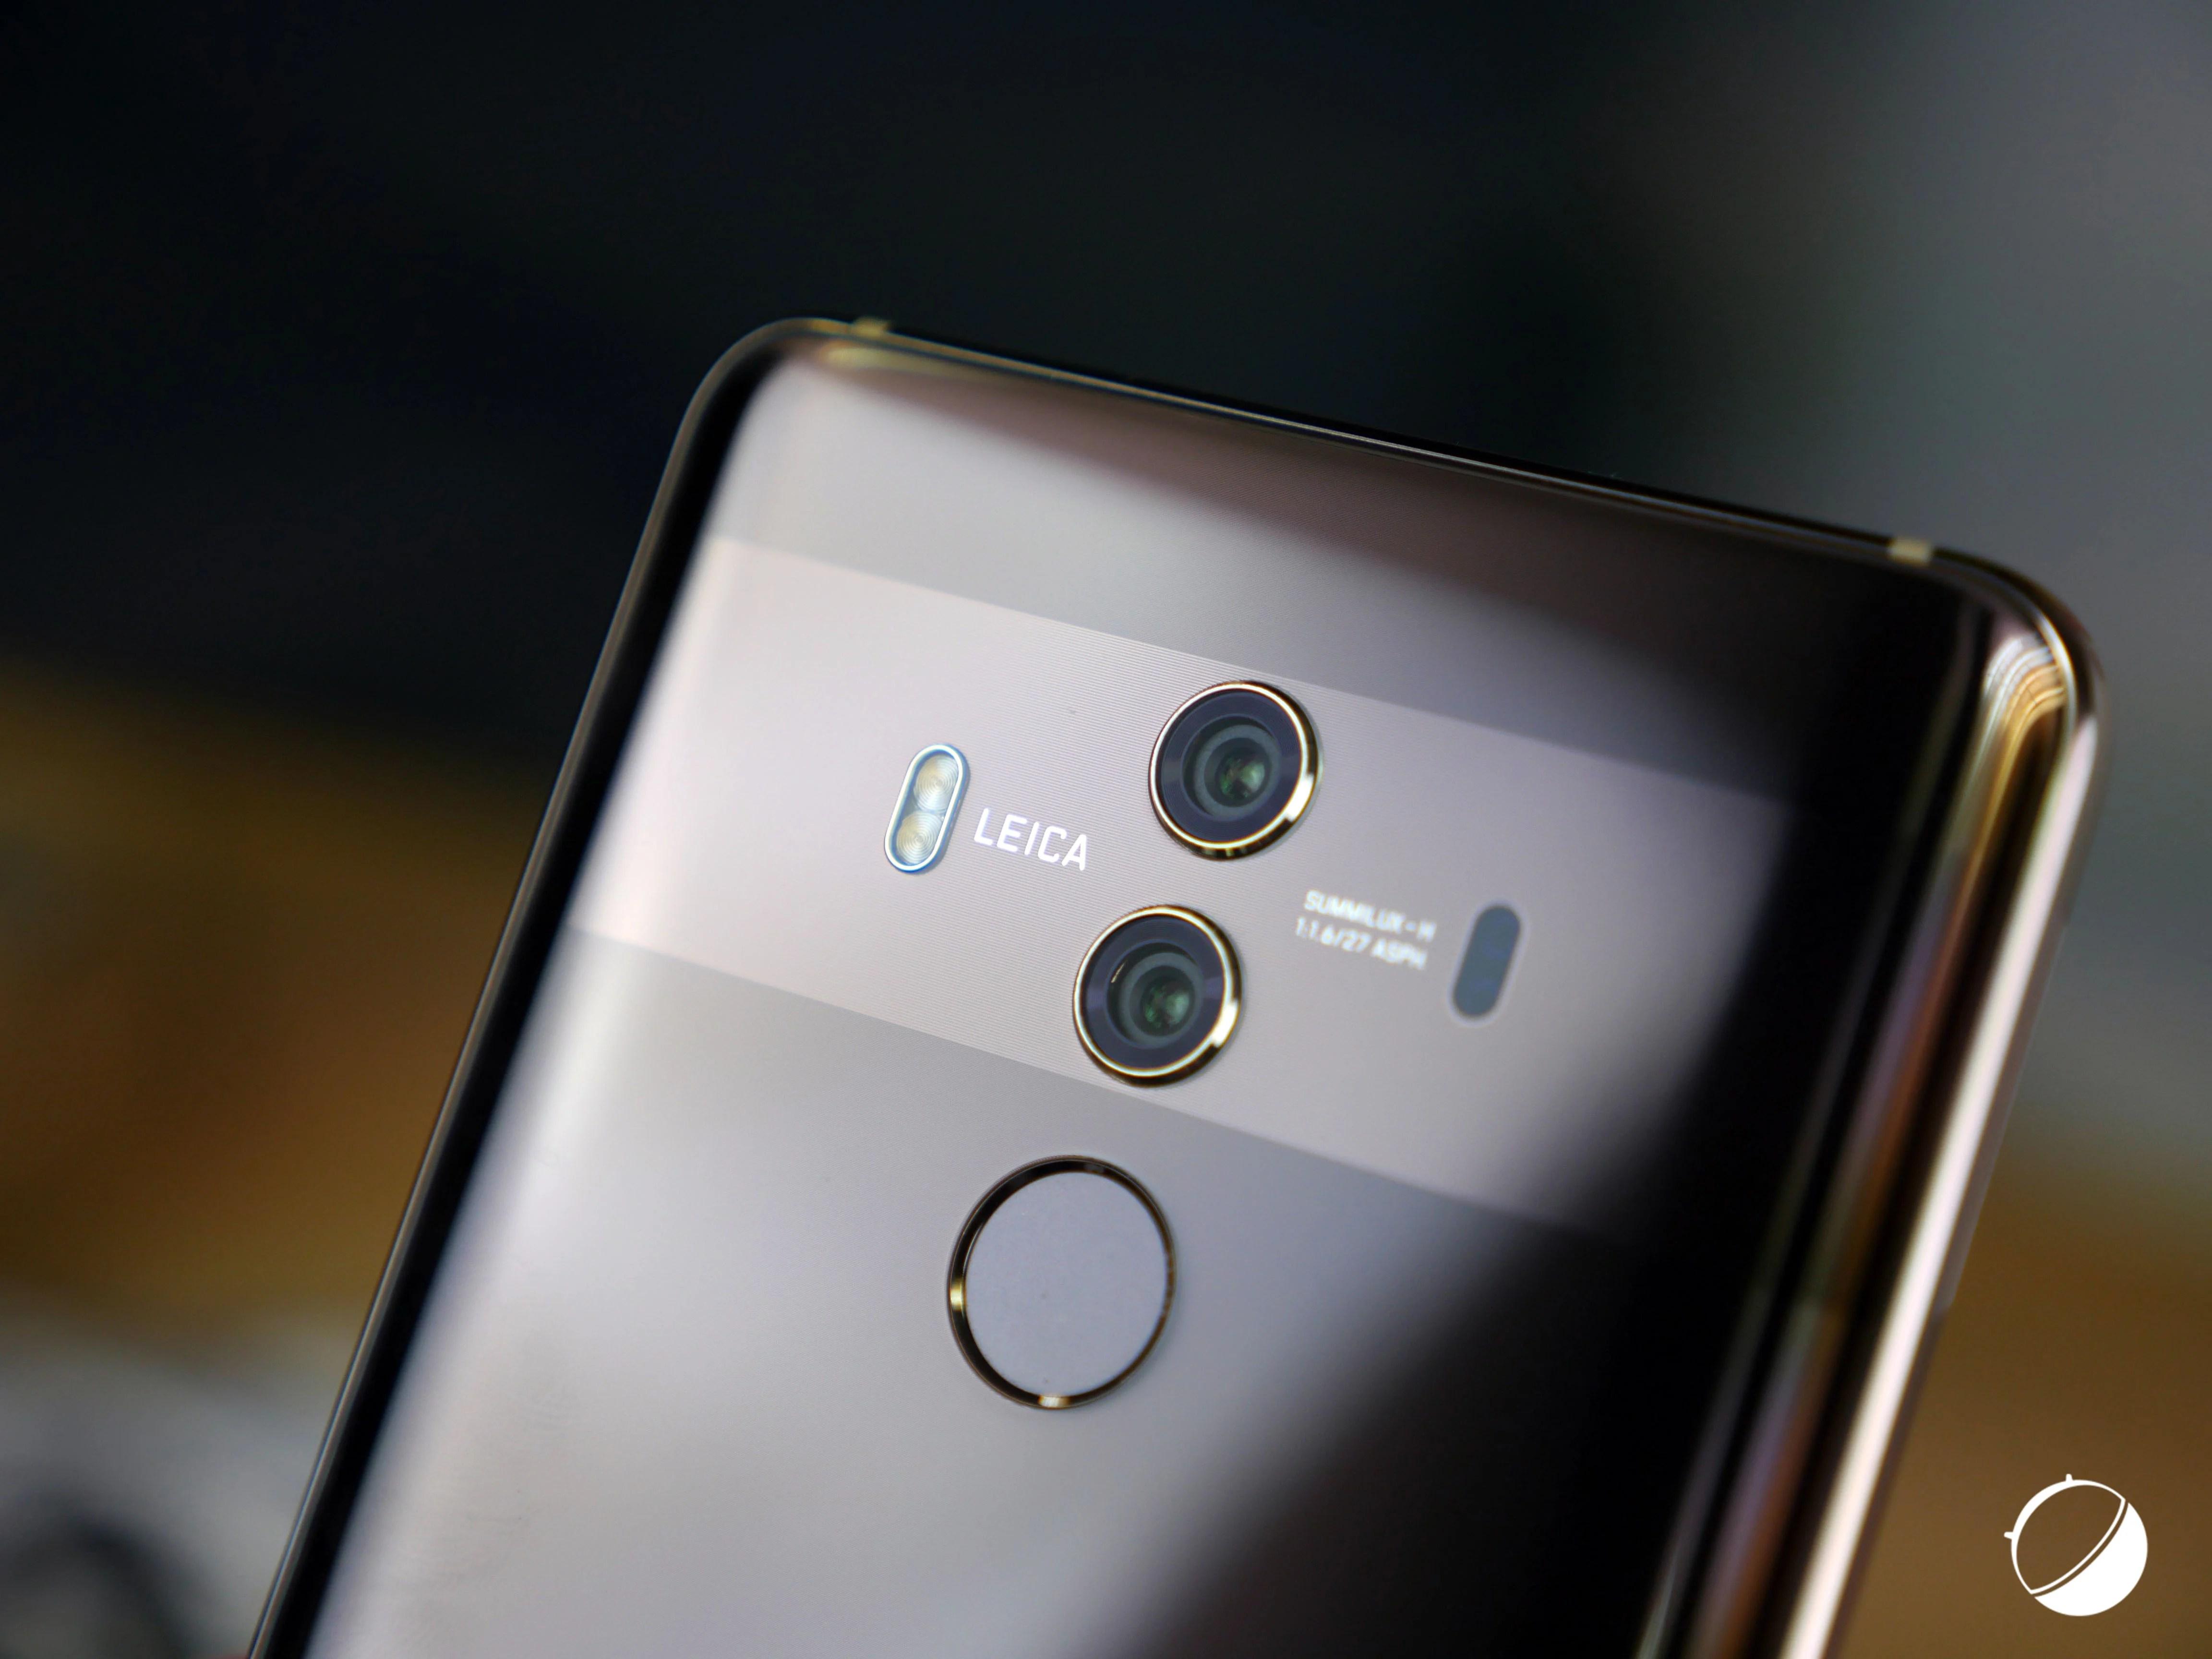 Huawei/Honor teste Android 9.0 Pie sur 4 appareils, d'autres sont également prévus